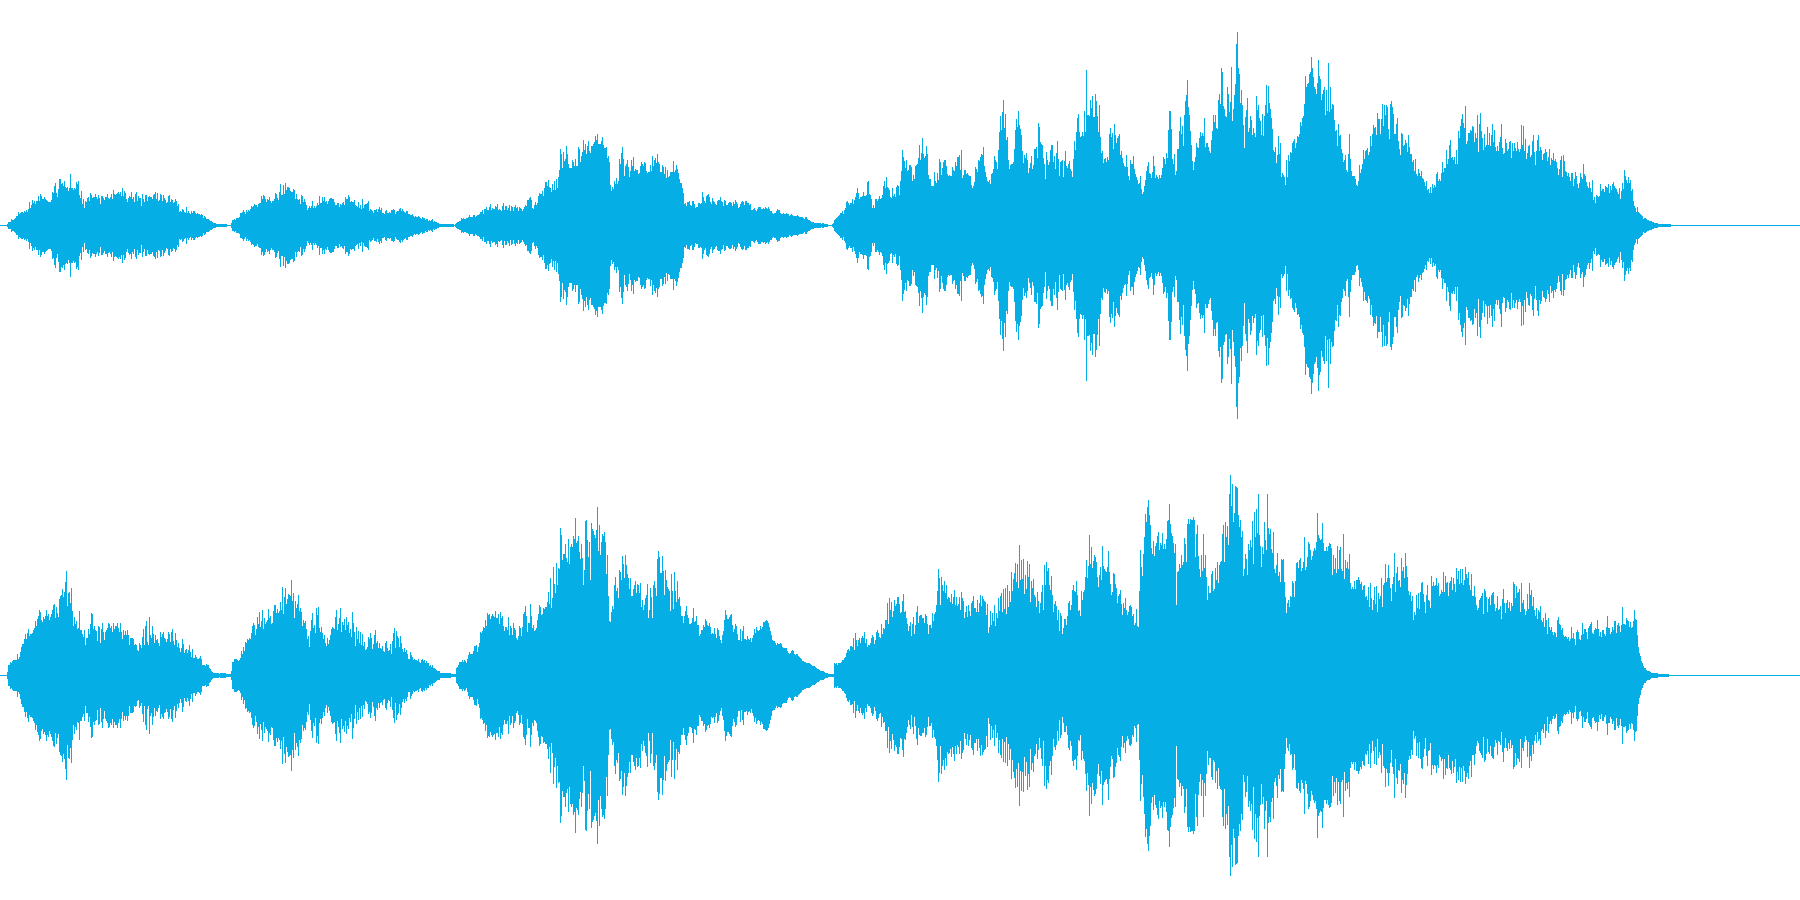 感動的なシーンで流れそうなストリングスの再生済みの波形